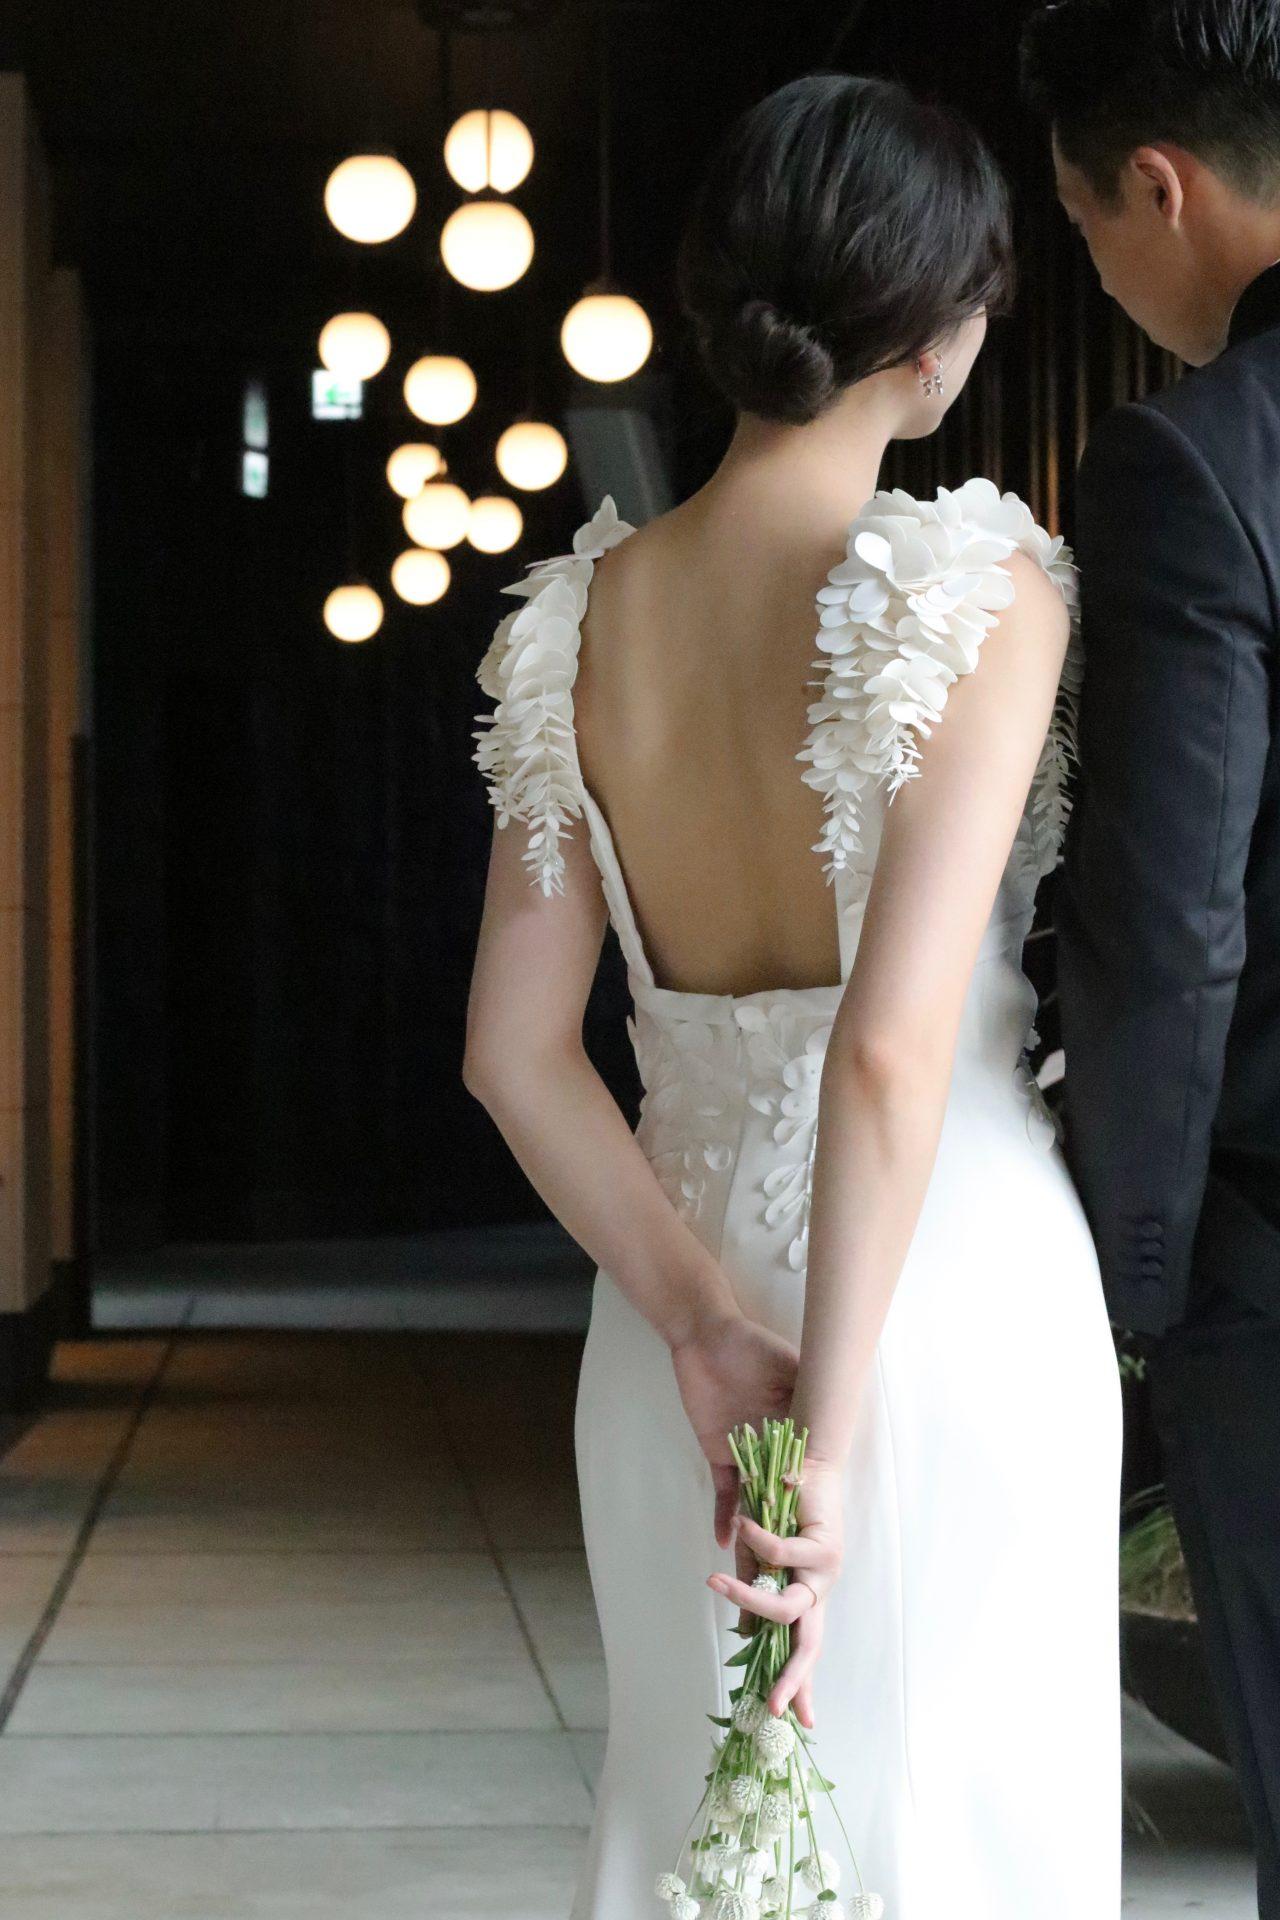 レストランウェディングやホテルウェディングにピッタリな大人な花嫁様にオススメしたいウェディングドレスは、とろみのあるクレープ素材のスレンダーラインに、背中が大きく空いたバックスタイルにショルダーには3Dフラワーのモチーフがデザインされたお洒落な1着です